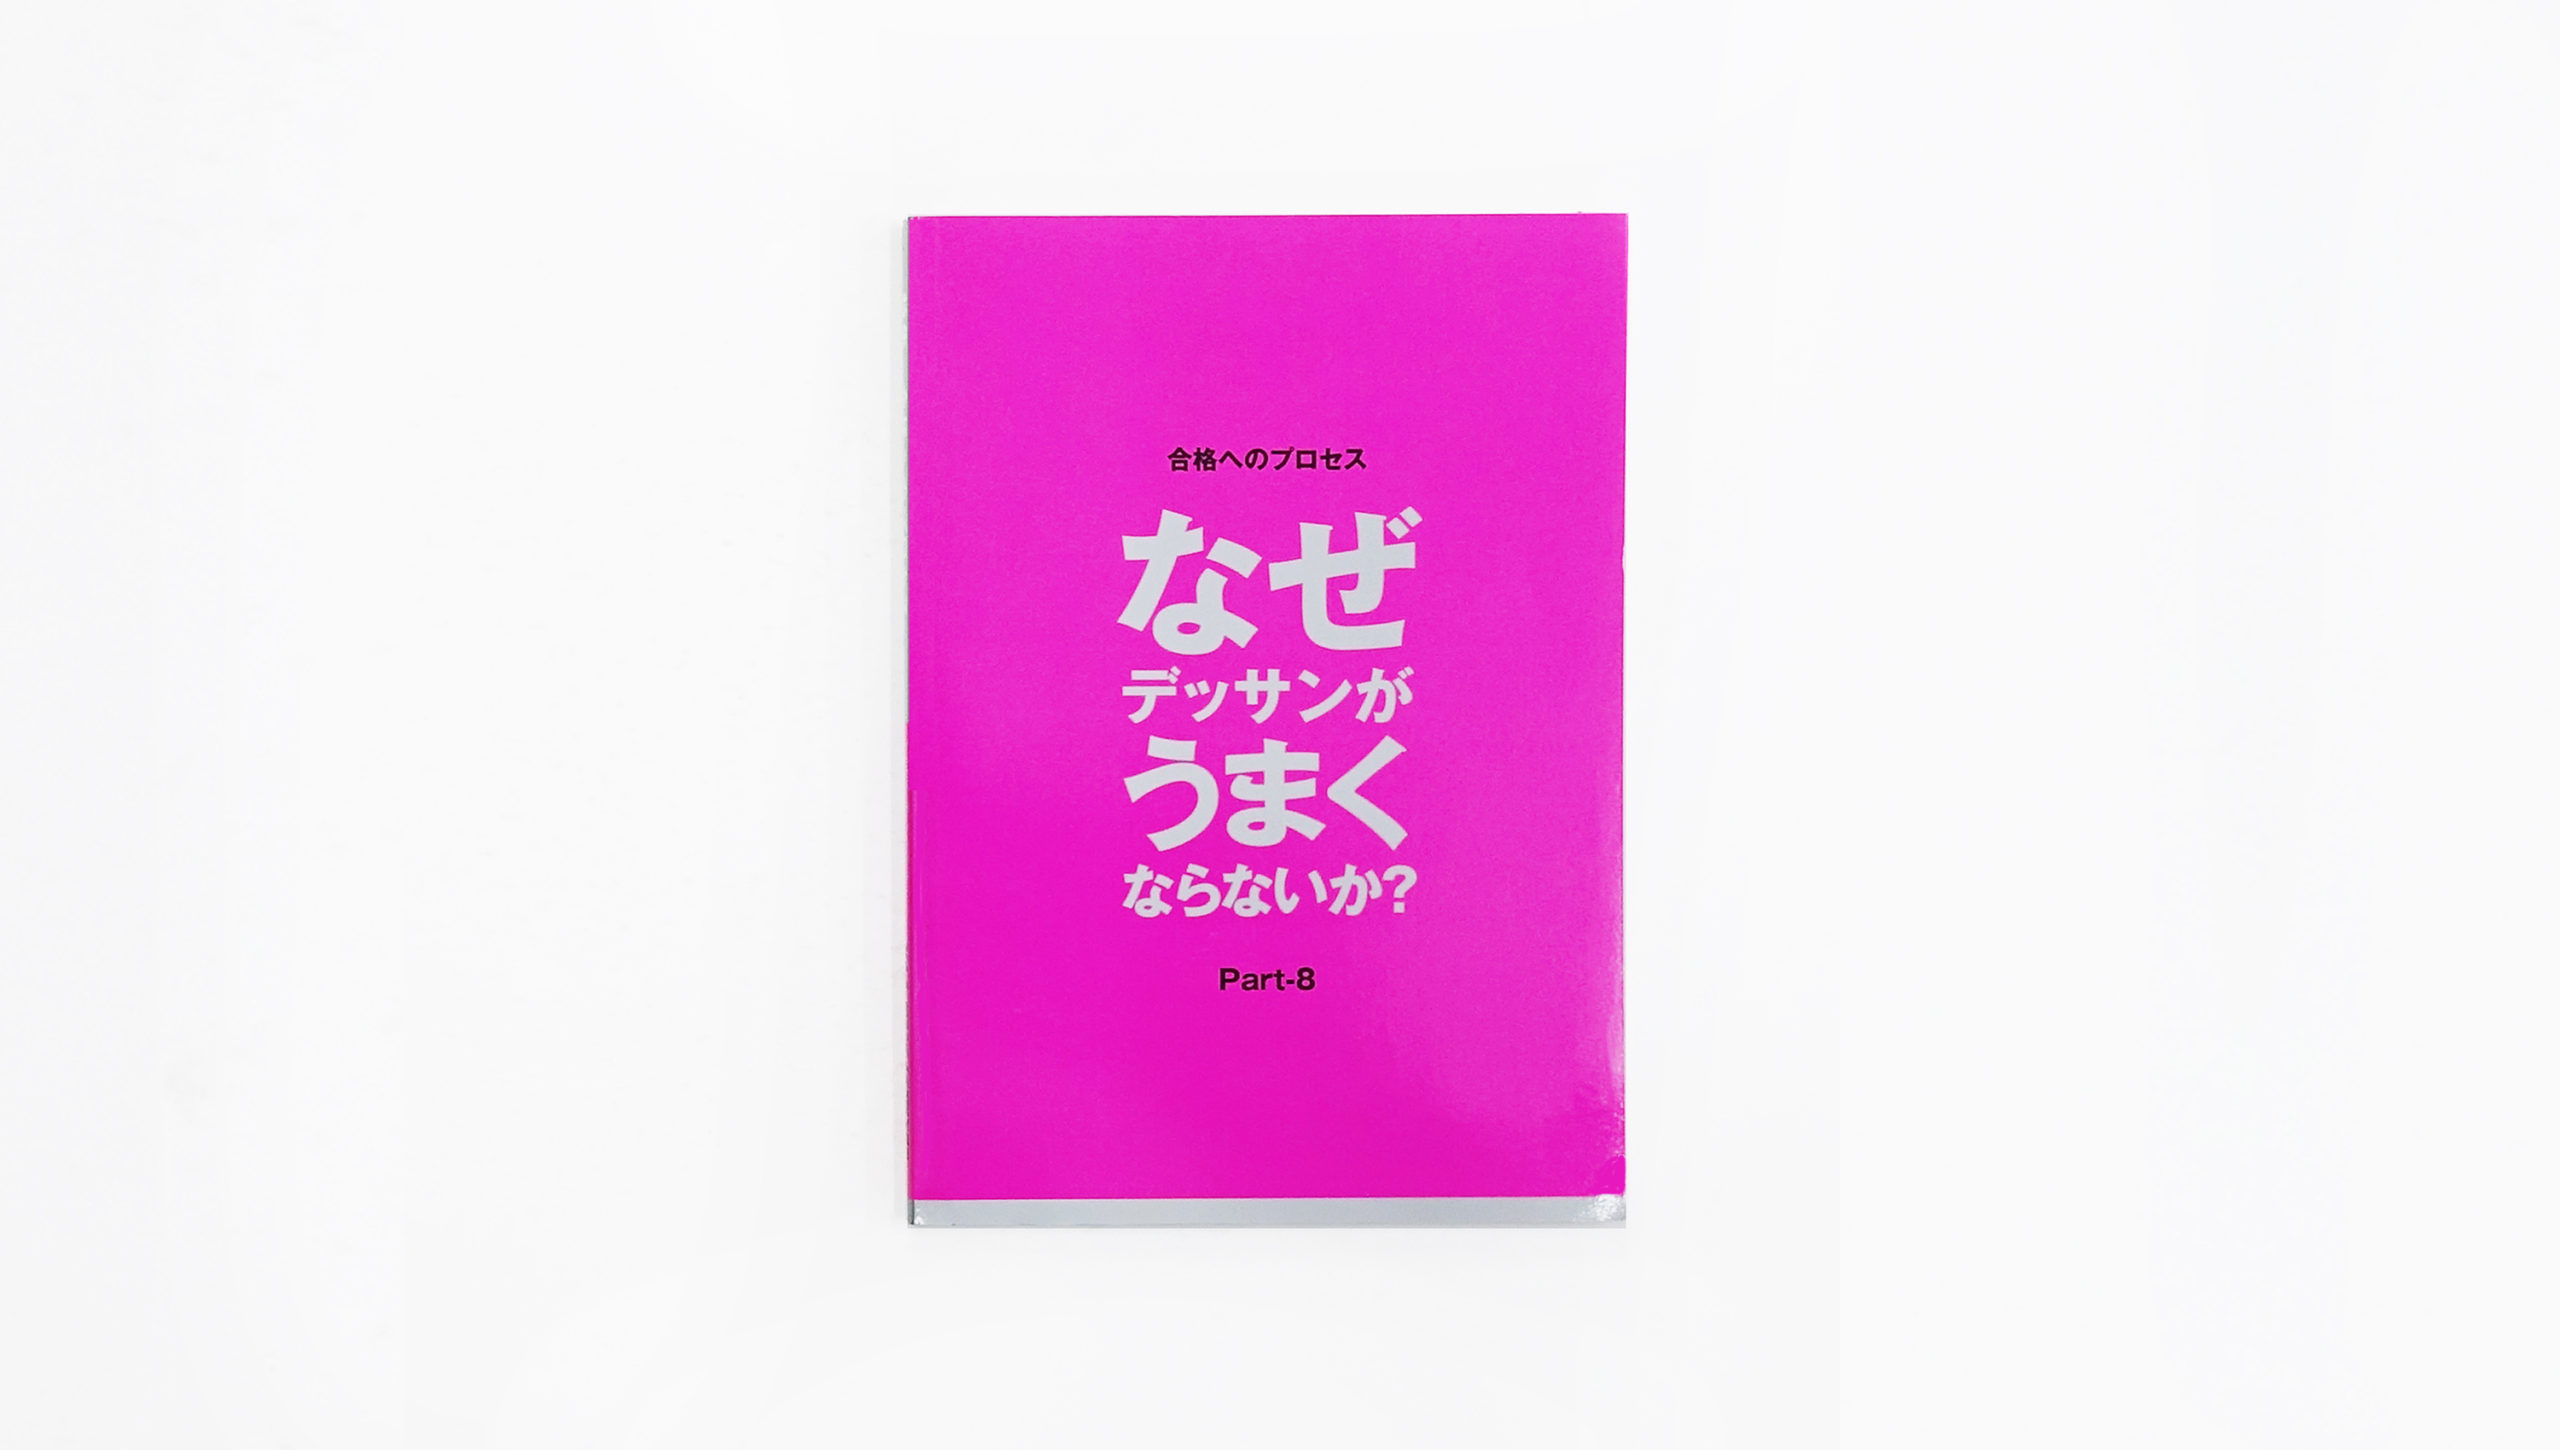 東京武蔵野美術学院 パンフレット資料 / 2010